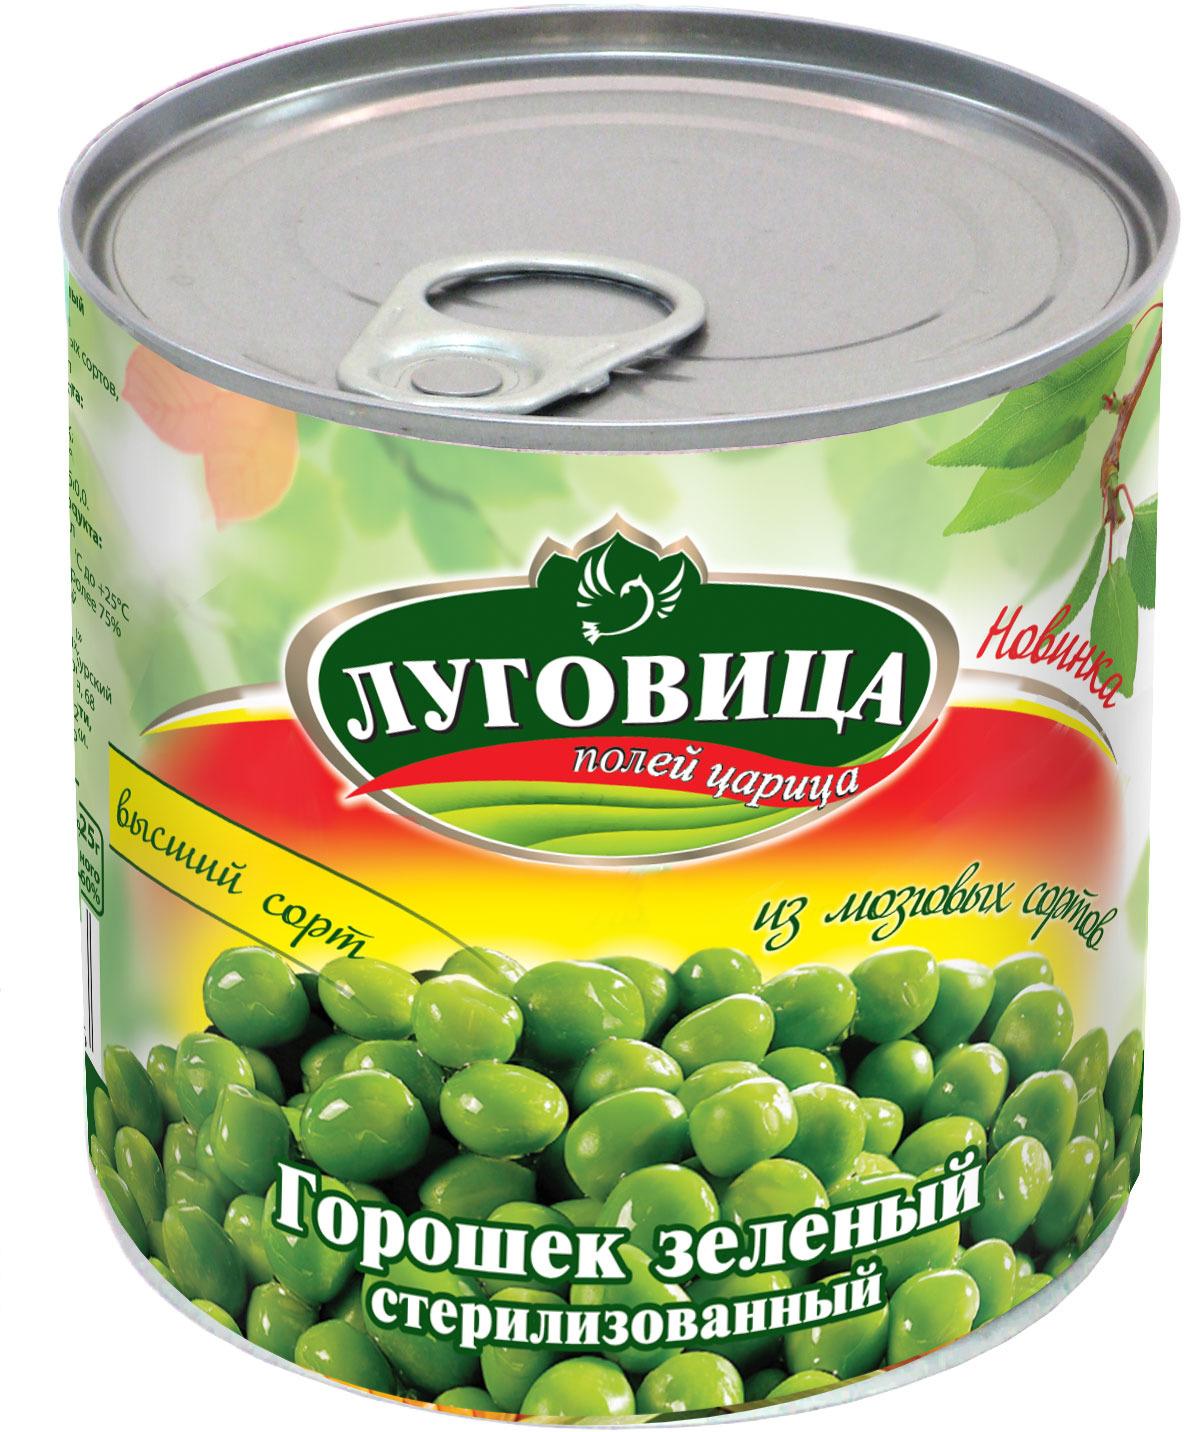 Овощные консервы Луговица Горошек зеленый, 212 г